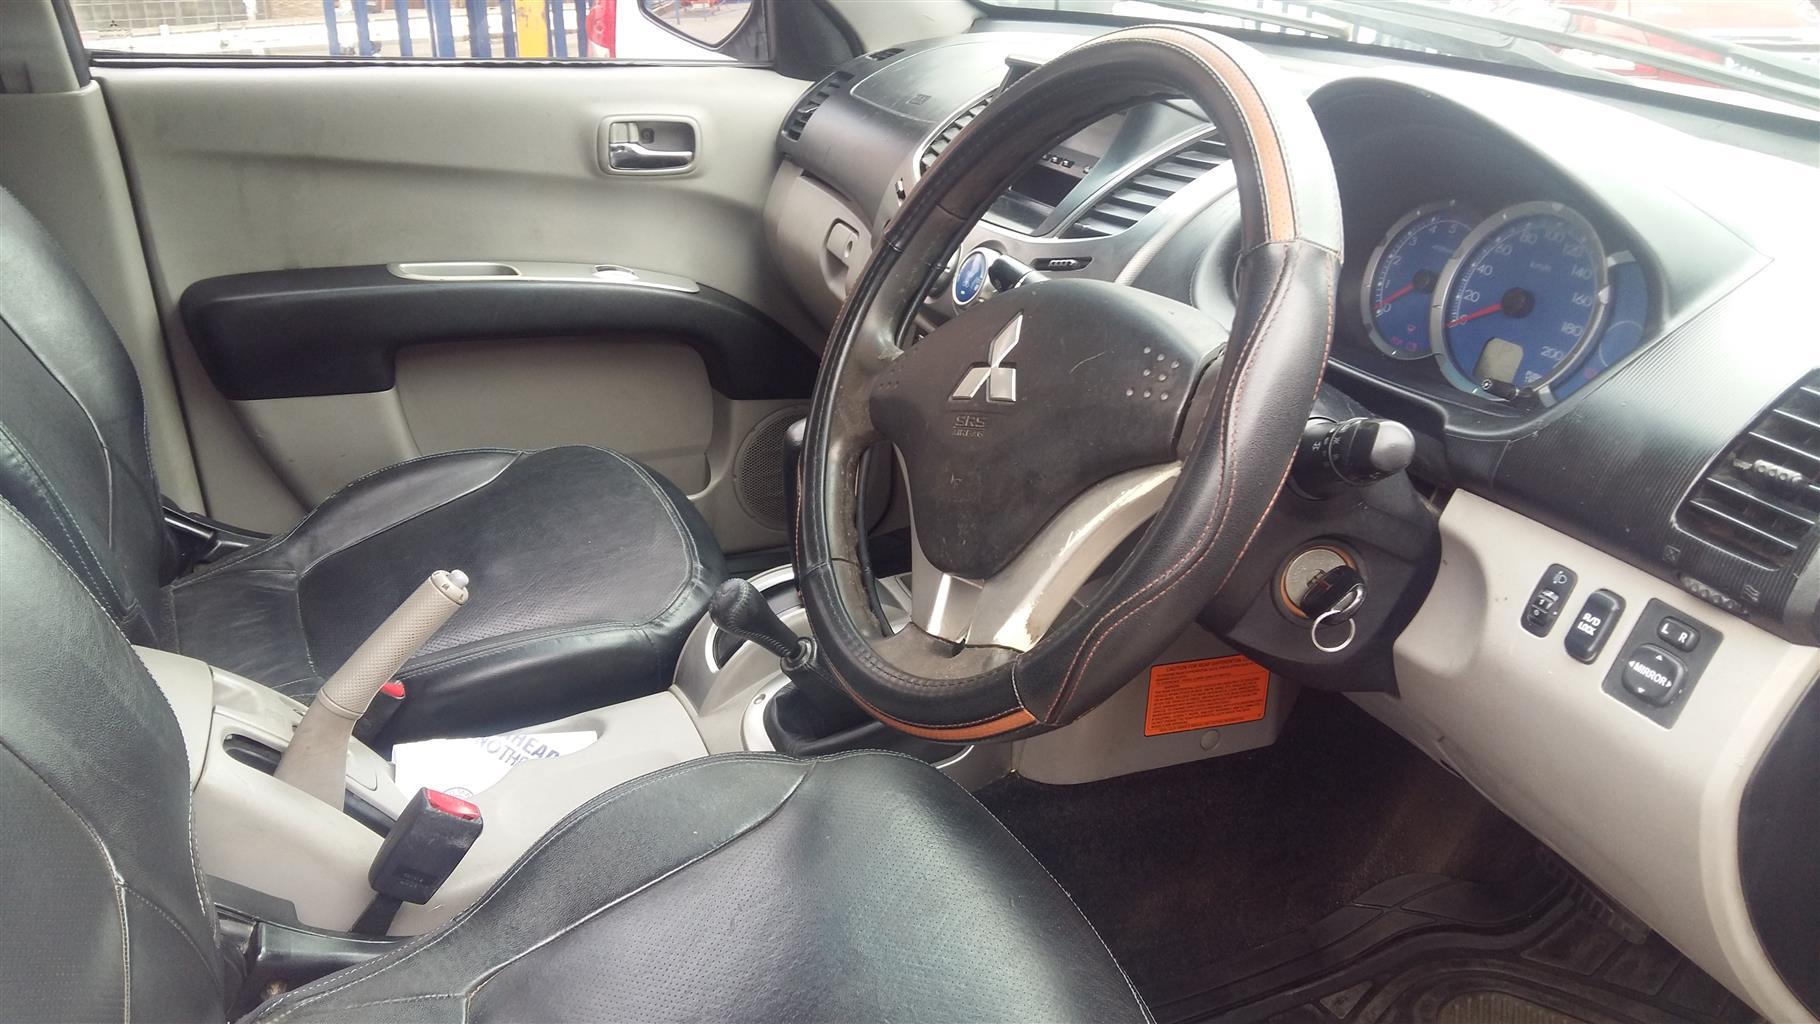 2009 Mitsubishi Triton 3.2DI D  4x4 double cab automatic